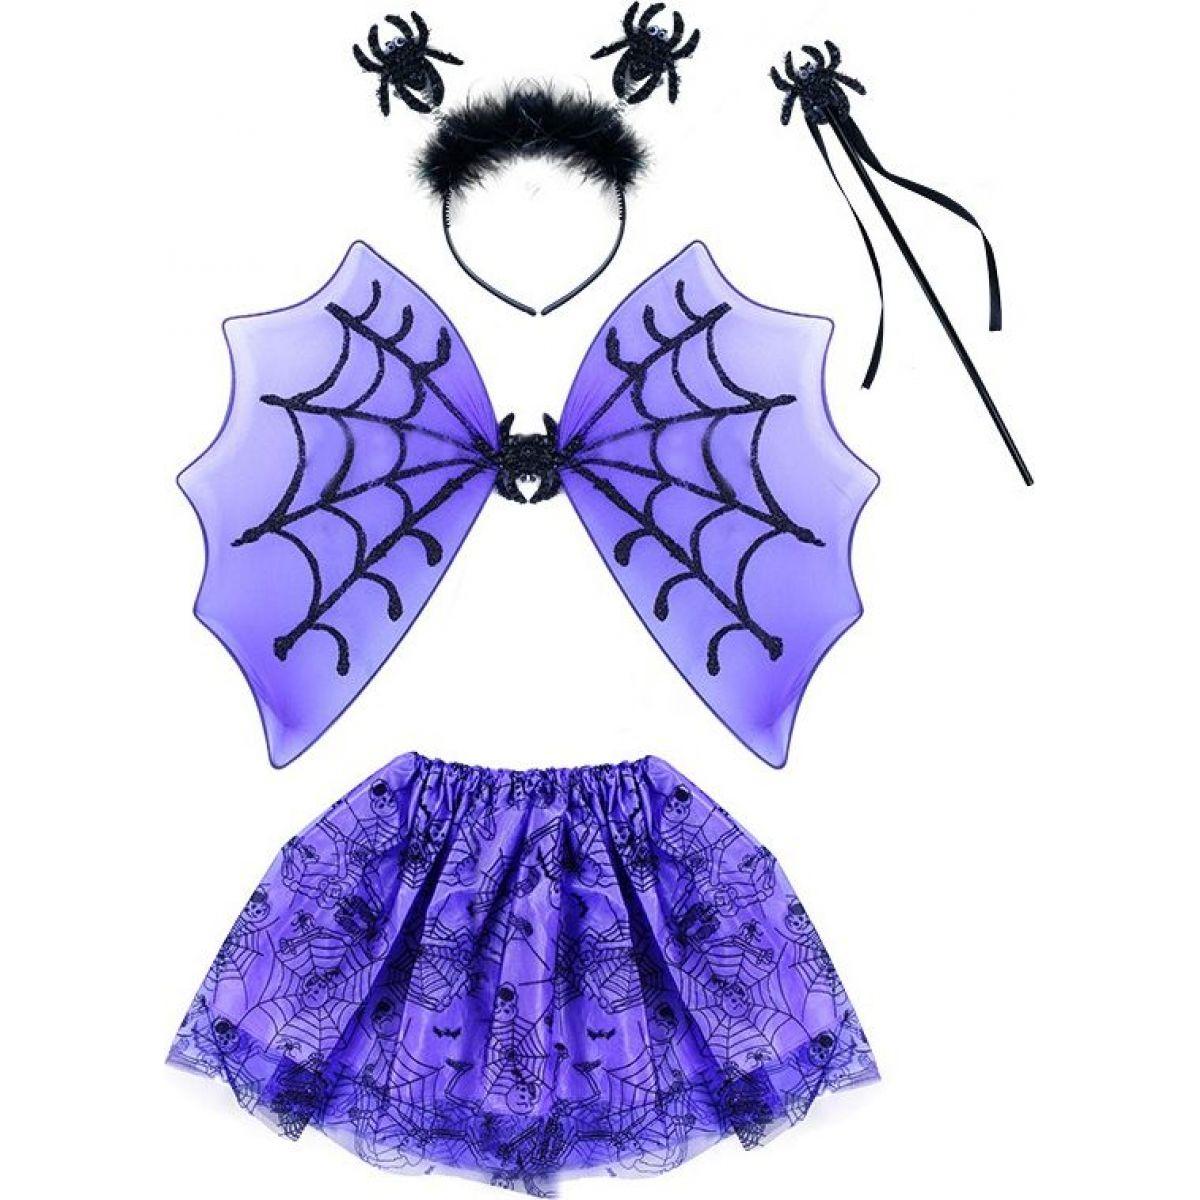 Rappa Kostým Pavouk s křídly